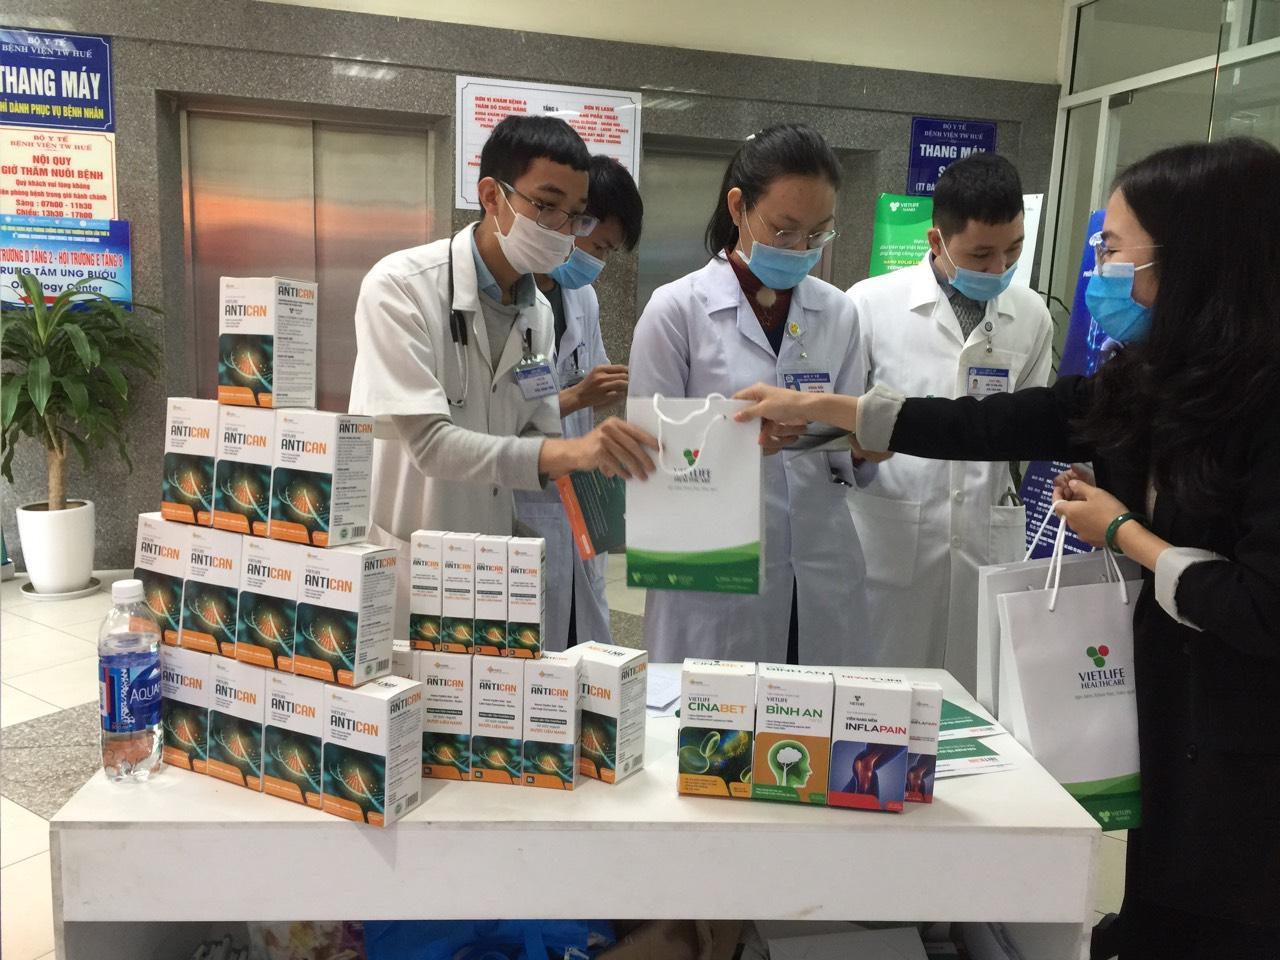 Các sĩ bệnh viện TW Huế tìm hiểu sản phẩm Antican.